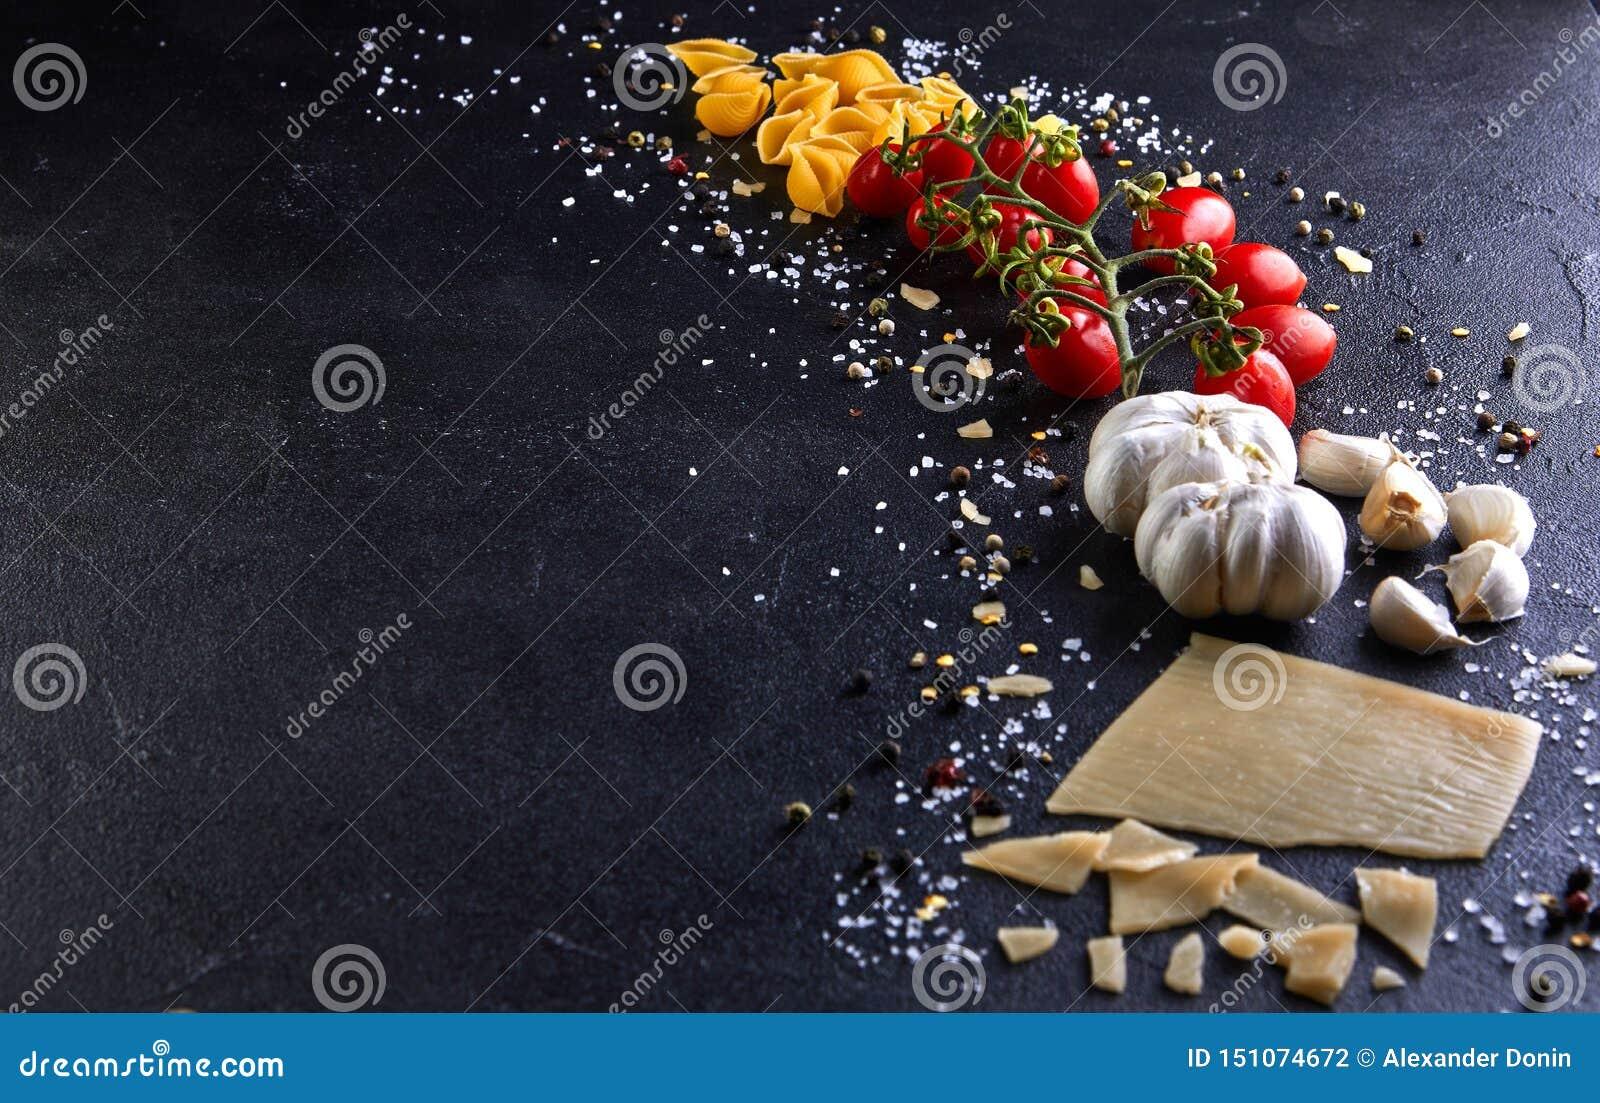 Ingredienser för att laga mat pasta på en svart bakgrund